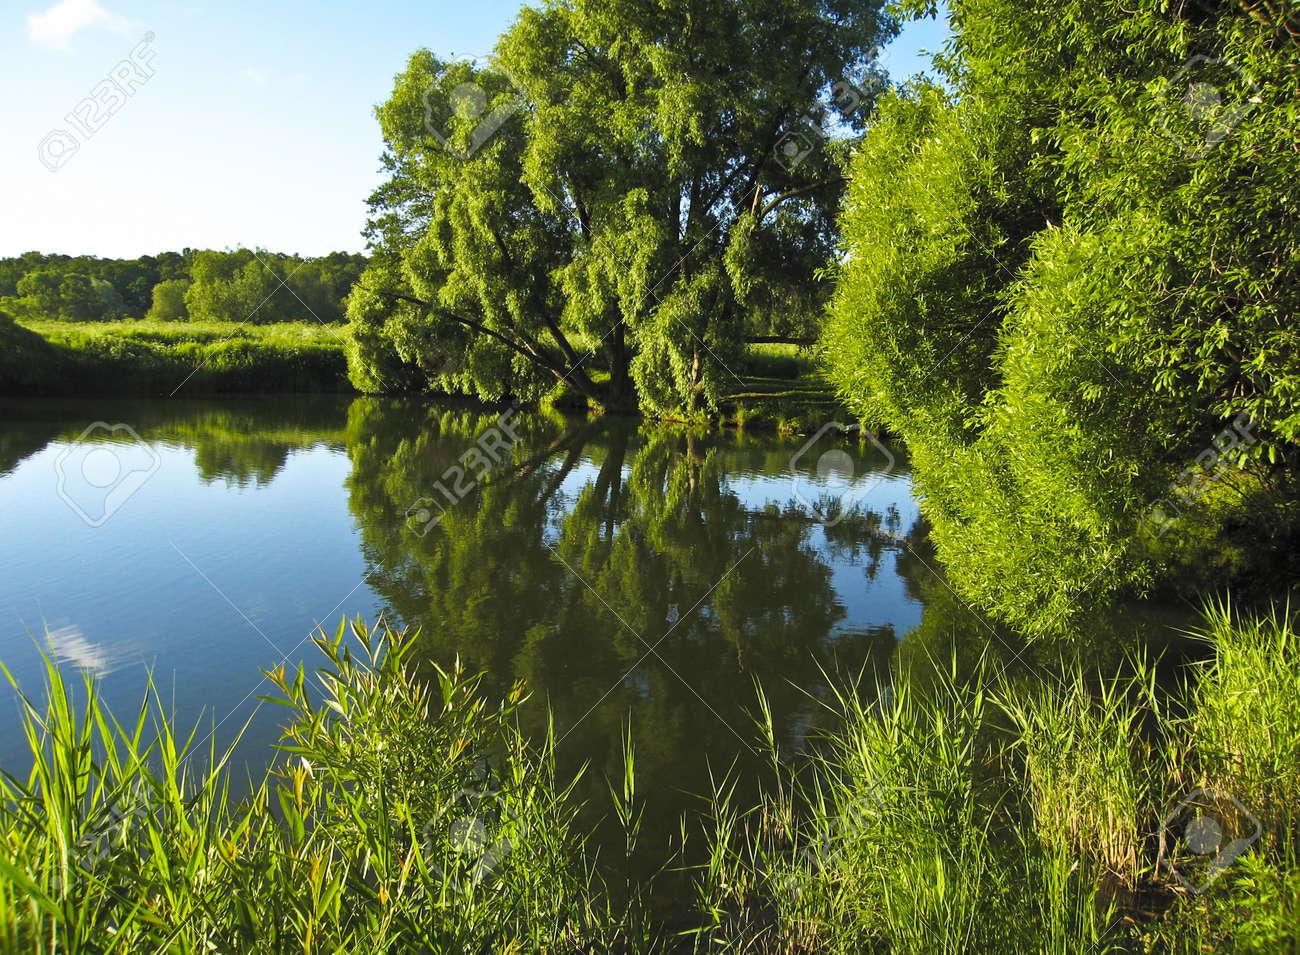 Sommerlandschaft Mit Wasser See Mit Grossen Weiden Und Gras Auf